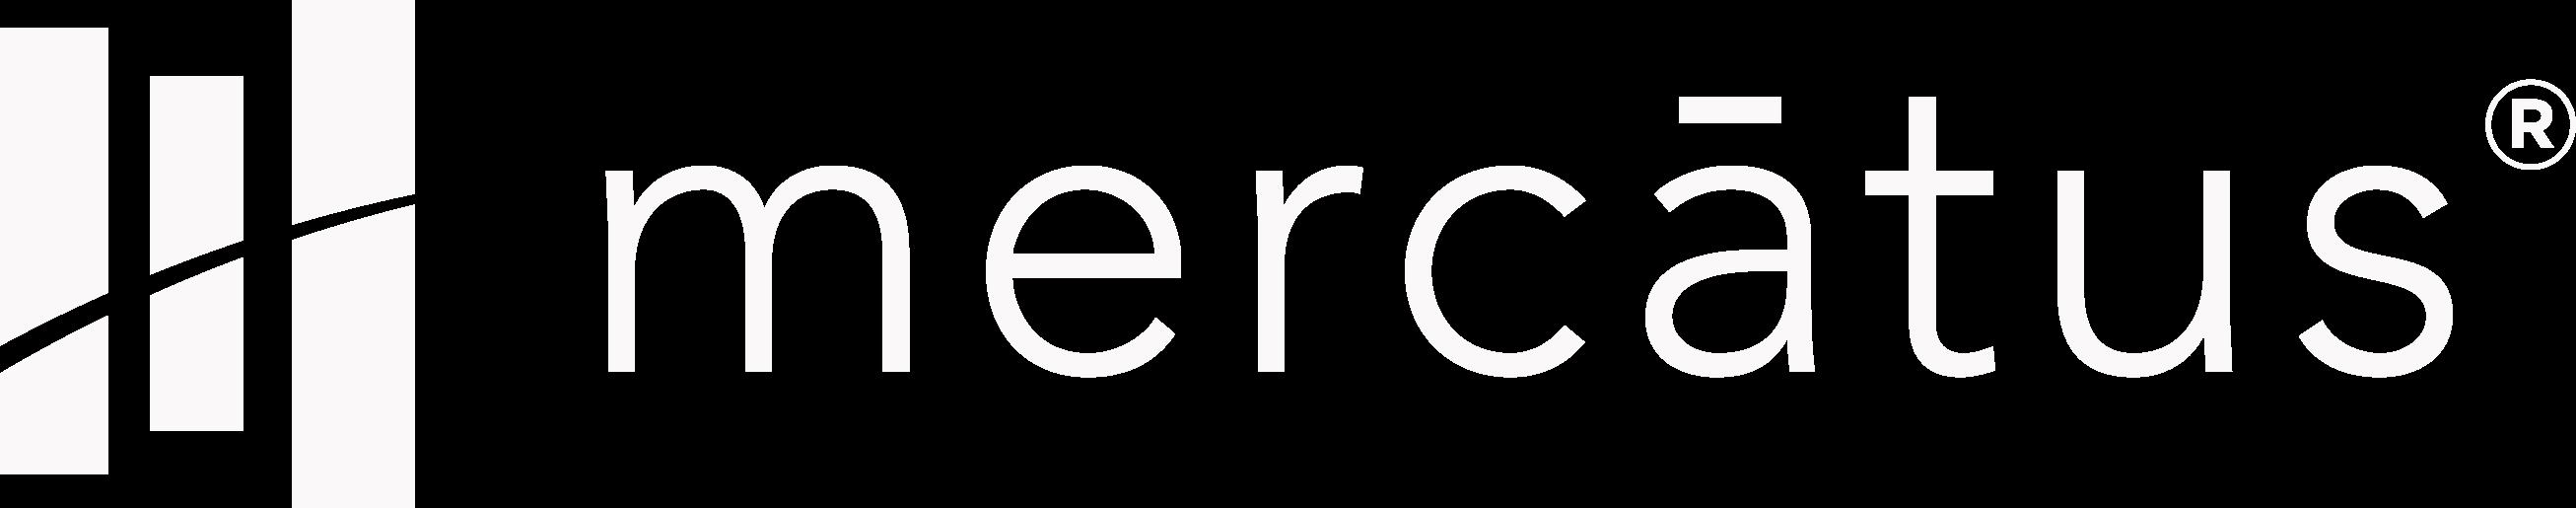 mercatus, logo